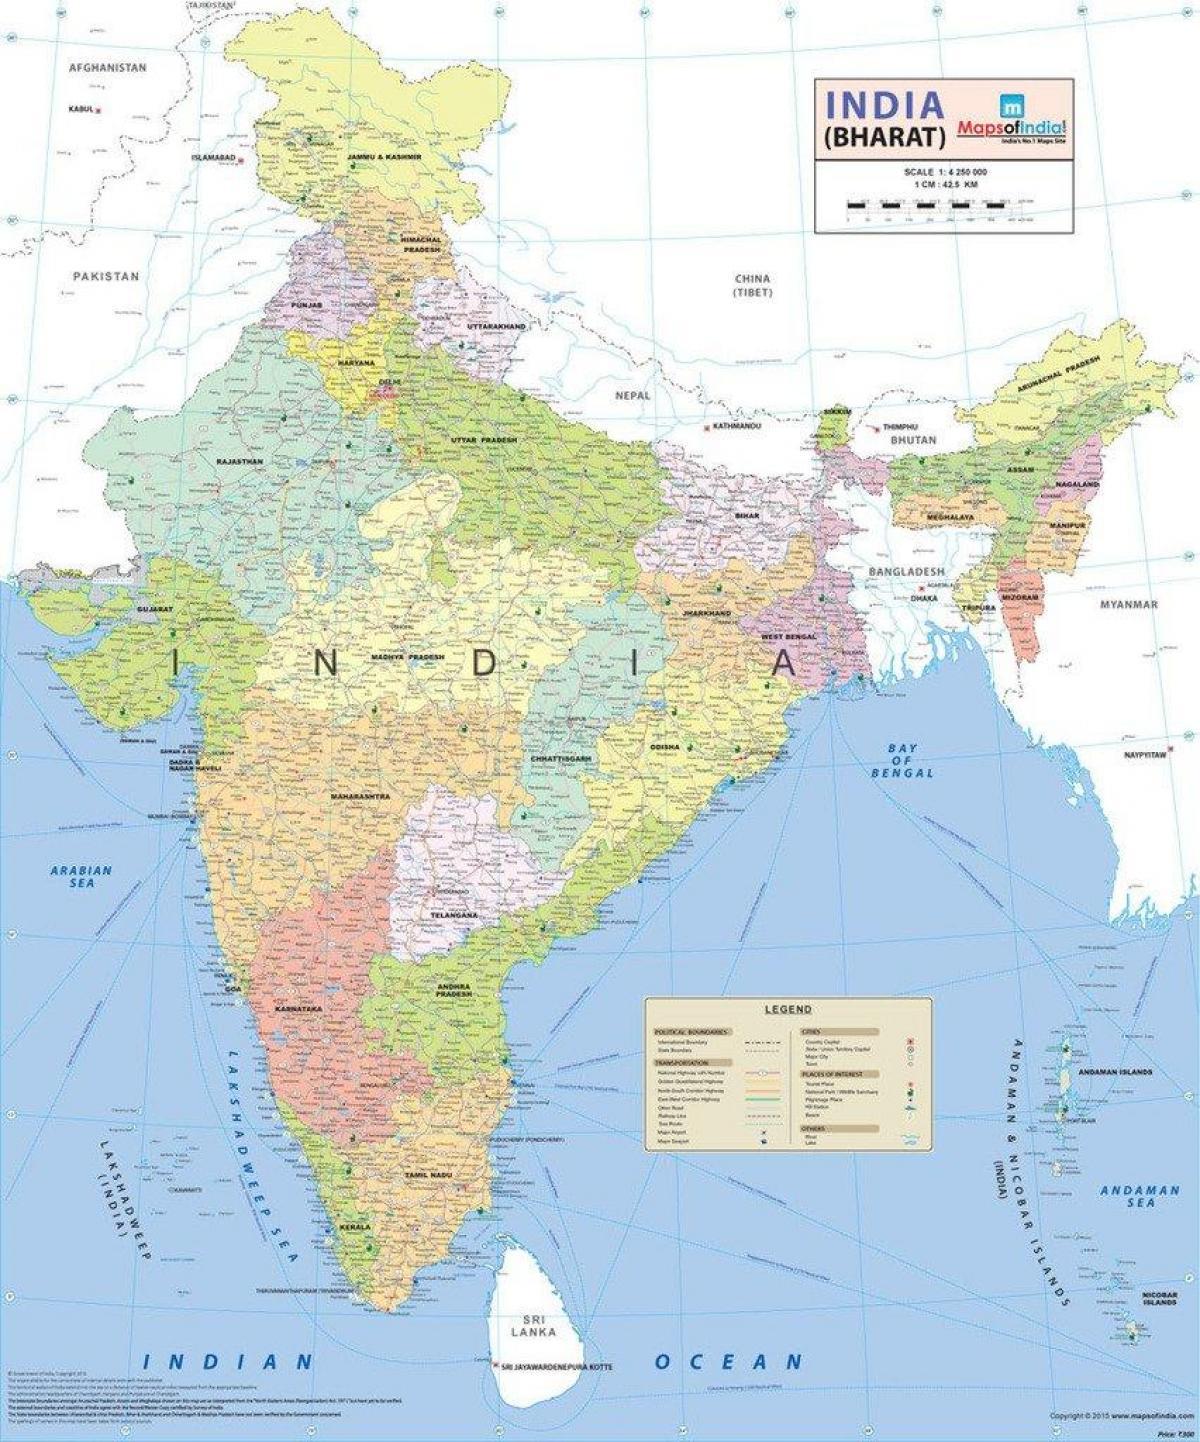 Südasien Karte.Atlas Karte Von Indien Atlas Karte Von Indien Südasien Ostasien